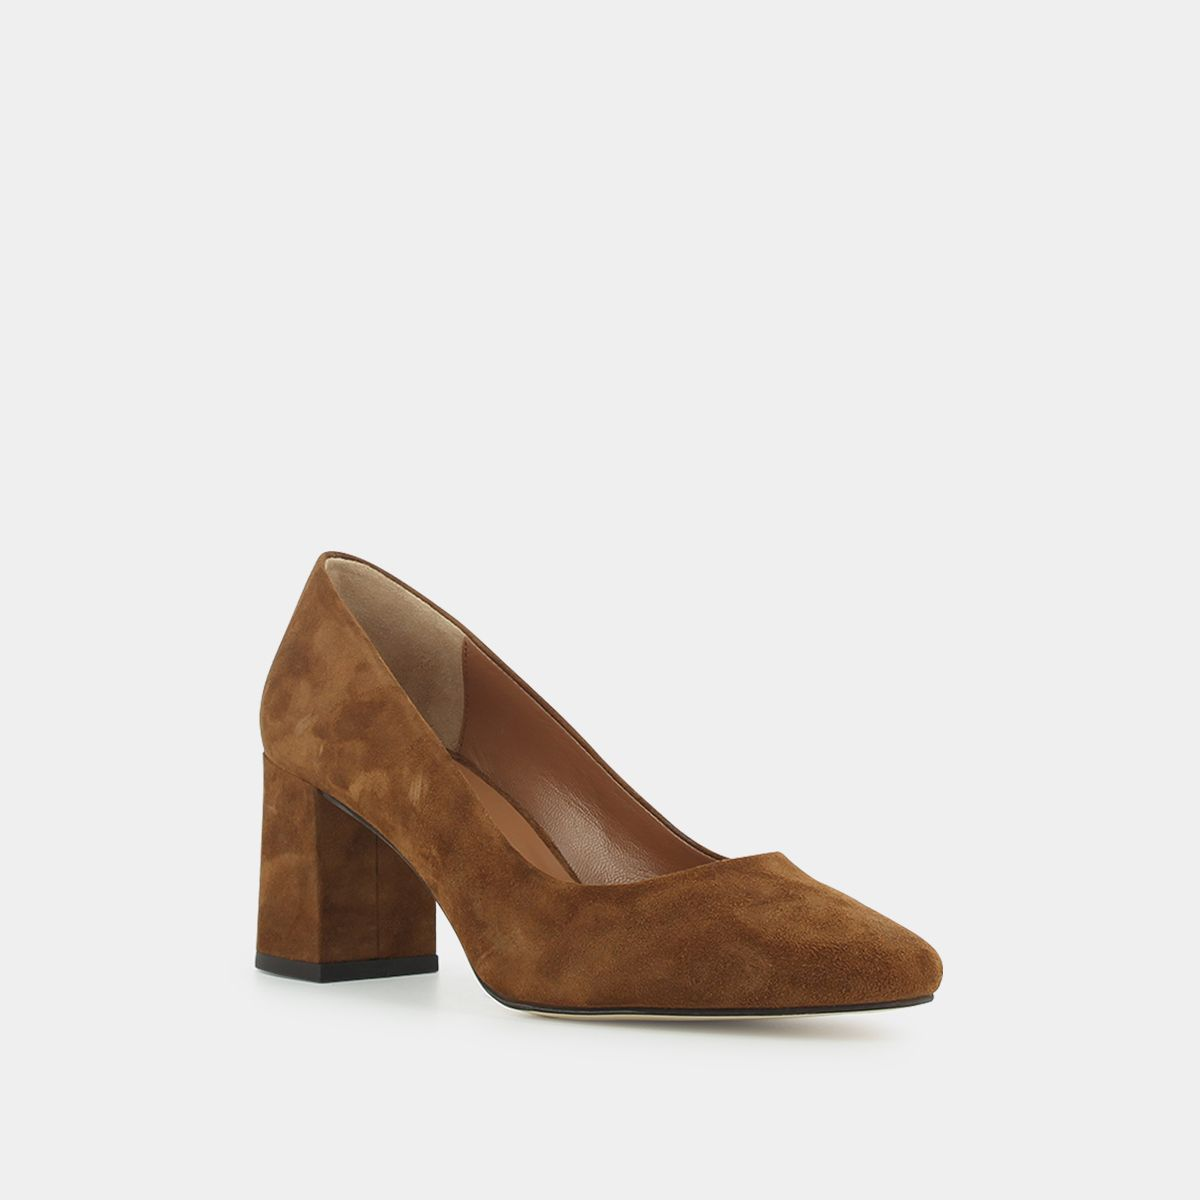 Escarpins à talon carré Femme en velours marron | Jonak